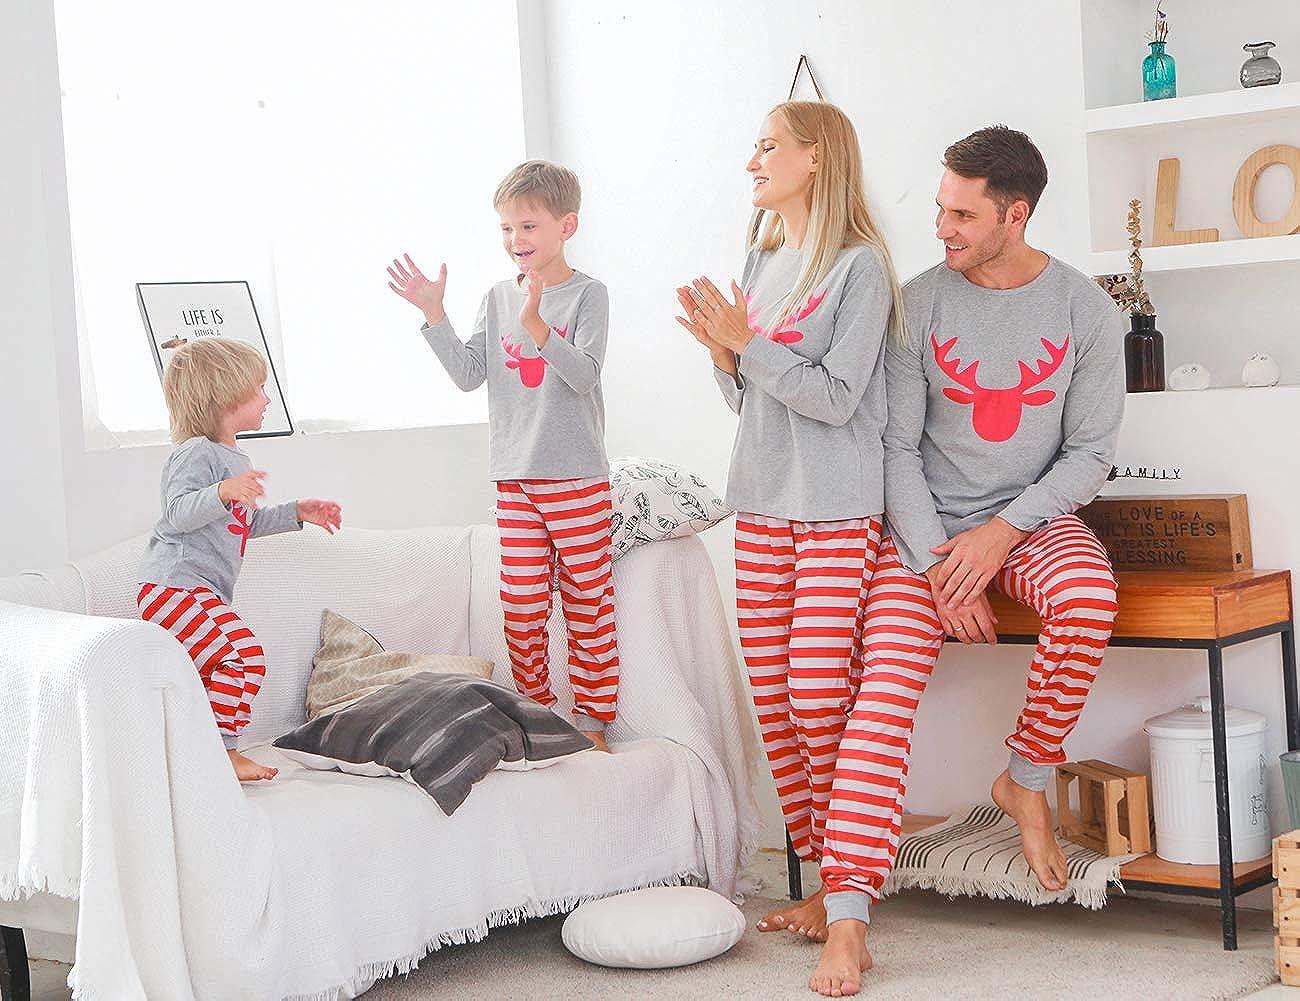 Pantalones Ropa de Dormir Camisones Casa ZOEREA Pijamas Familiares de Dos Piezas Navidad Beb/é Ni/ño Ni/ña Pap/á Mam/á Conjunto de Ropa Mangas Largas Top